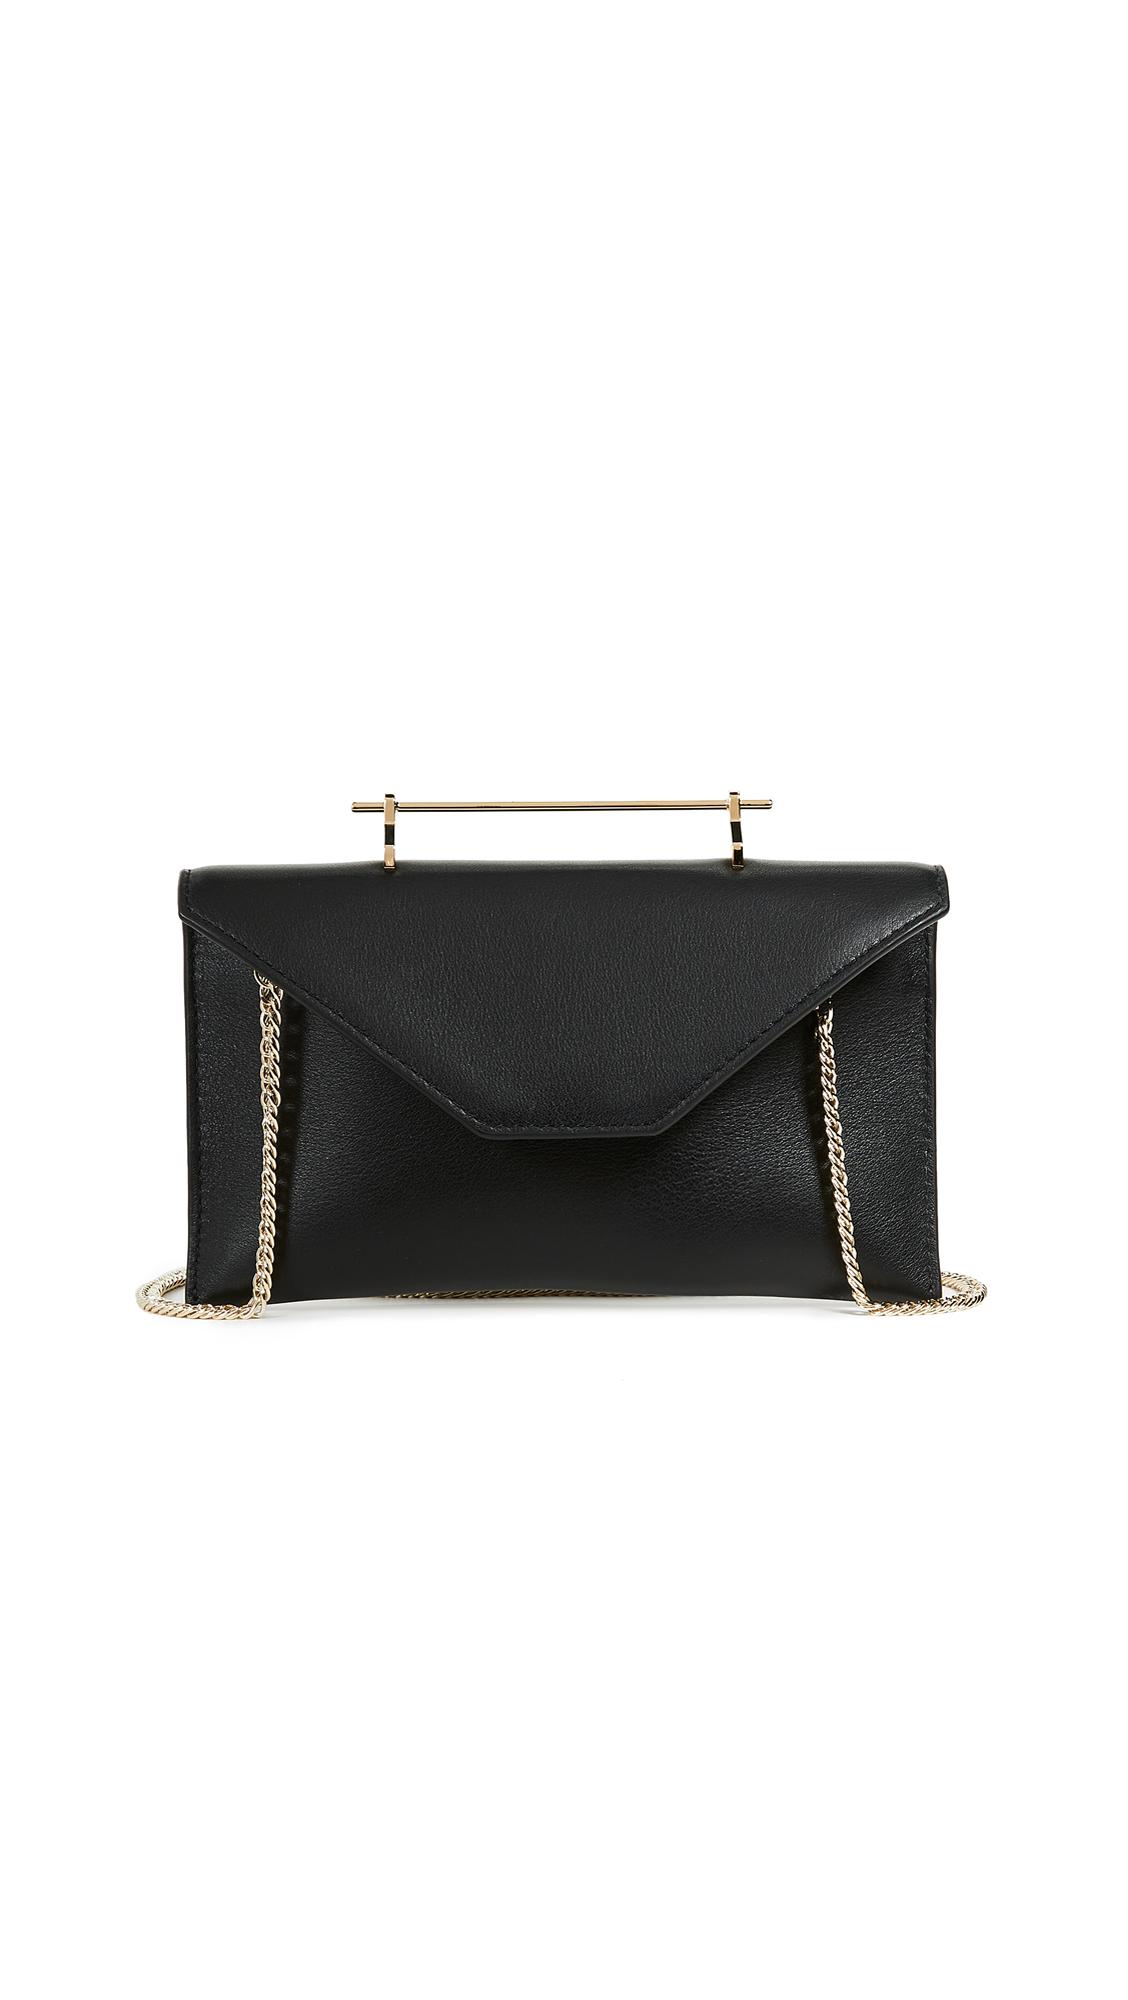 M2malletier Annabelle Clutch Bag